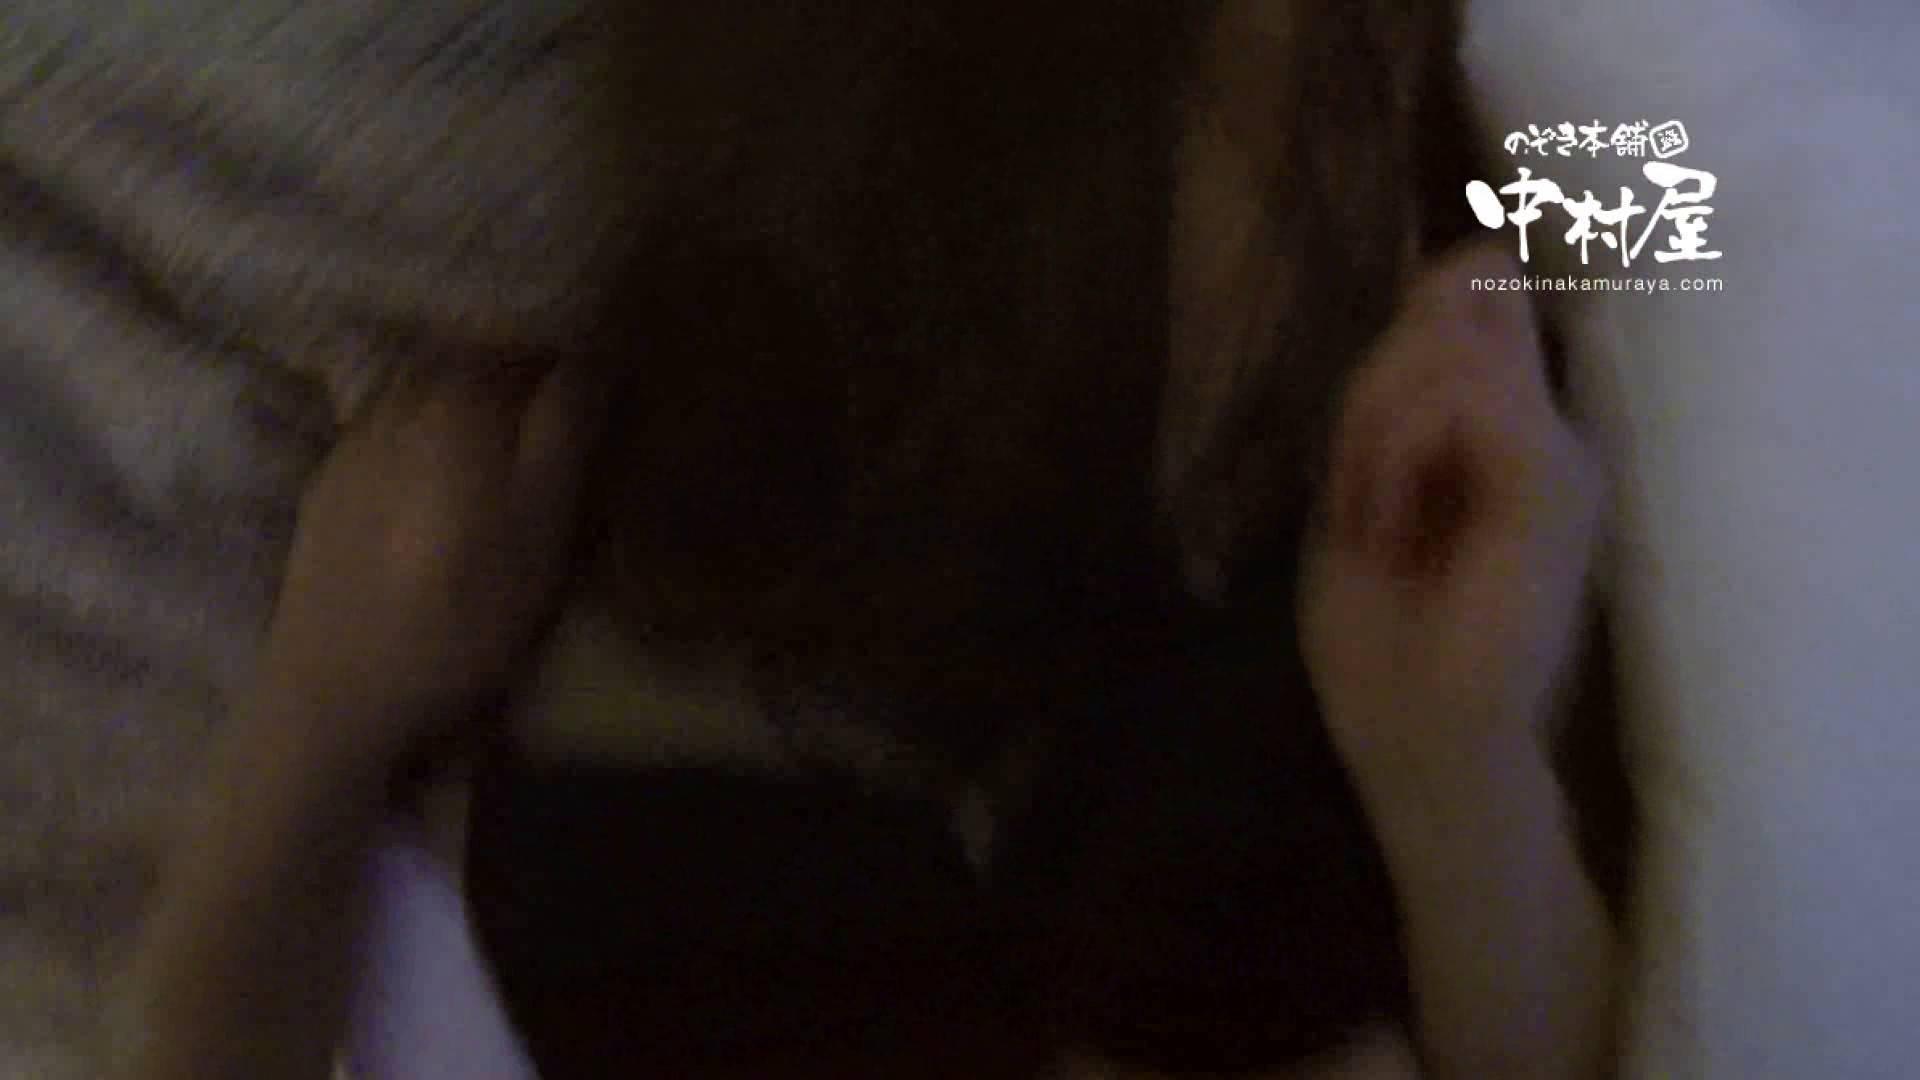 鬼畜 vol.08 極悪!妊娠覚悟の中出し! 後編 中出し 隠し撮りオマンコ動画紹介 94pic 92